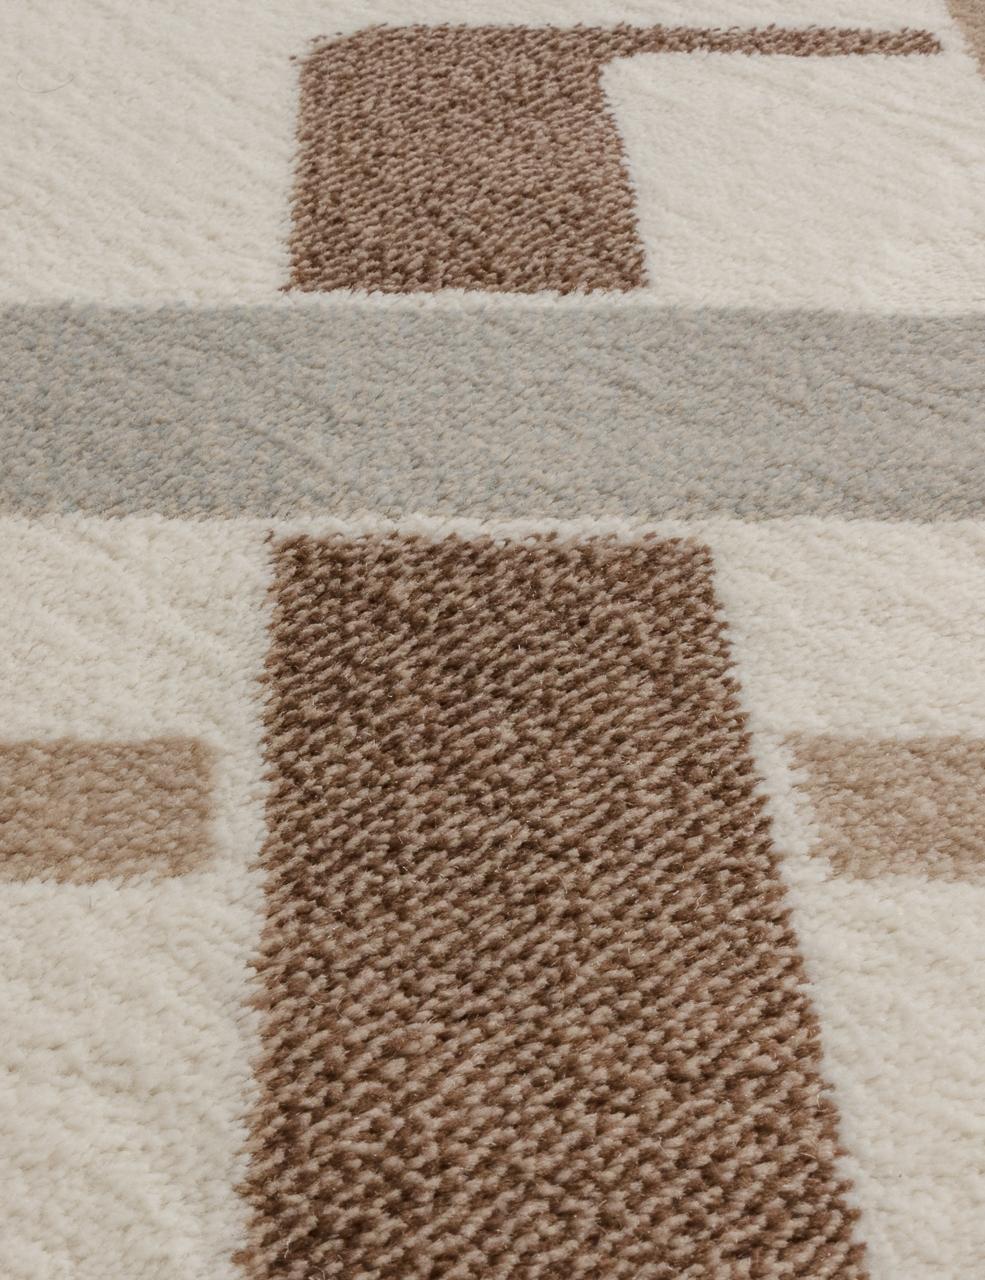 Ковер d254 - CREAM-BROWN - Прямоугольник - коллекция VALENCIA DELUXE - фото 2